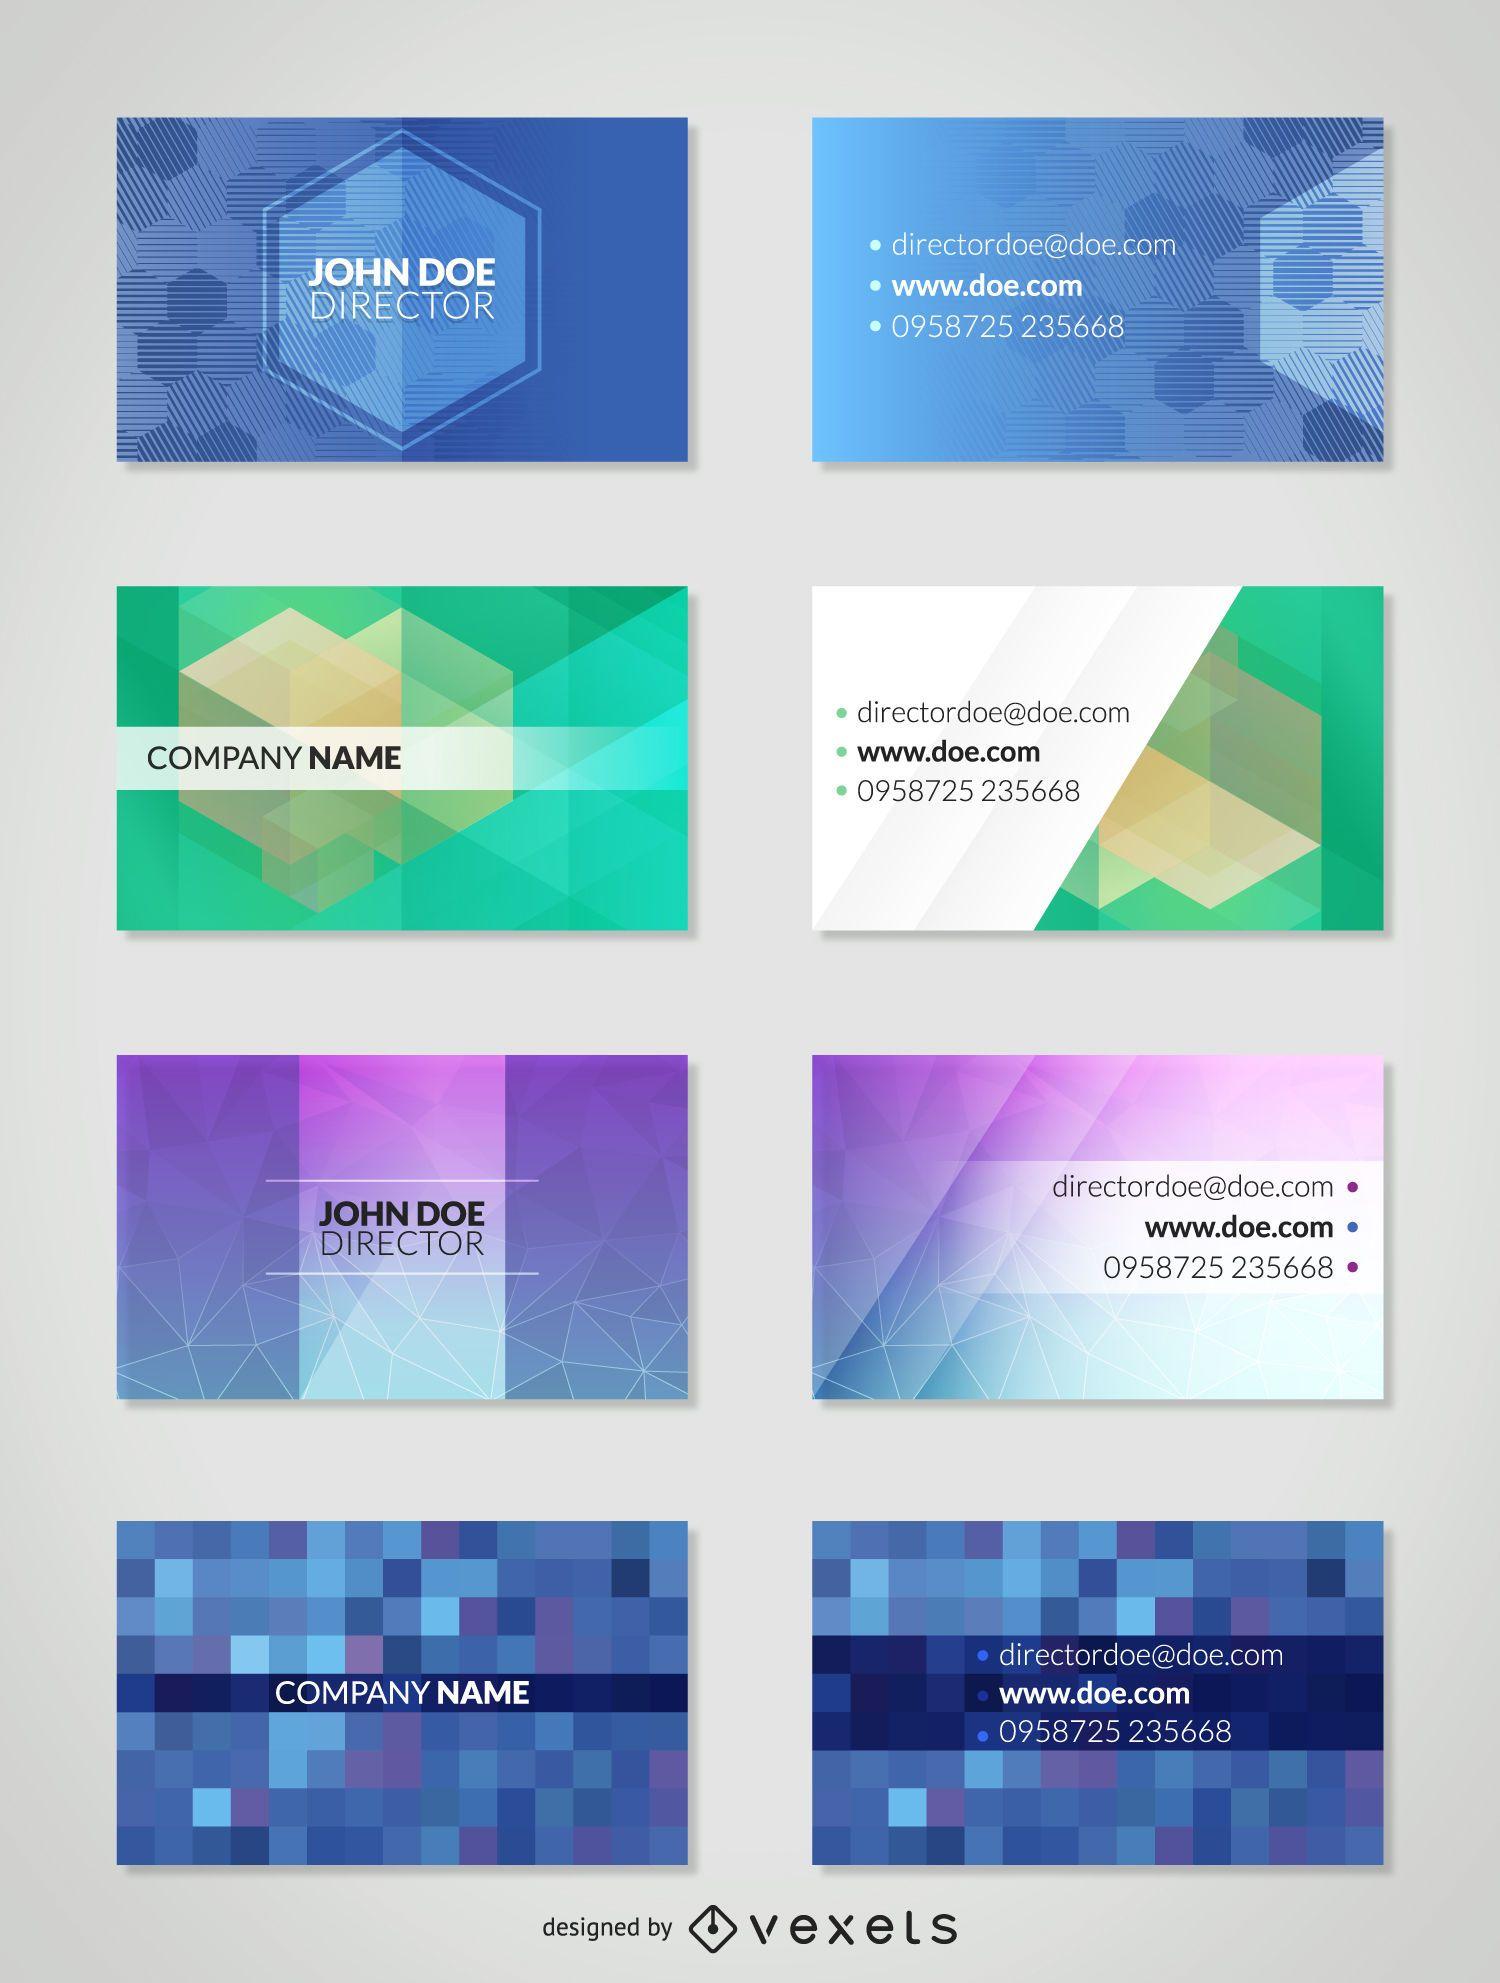 Conjunto de plantillas de tarjeta de visita poligonal